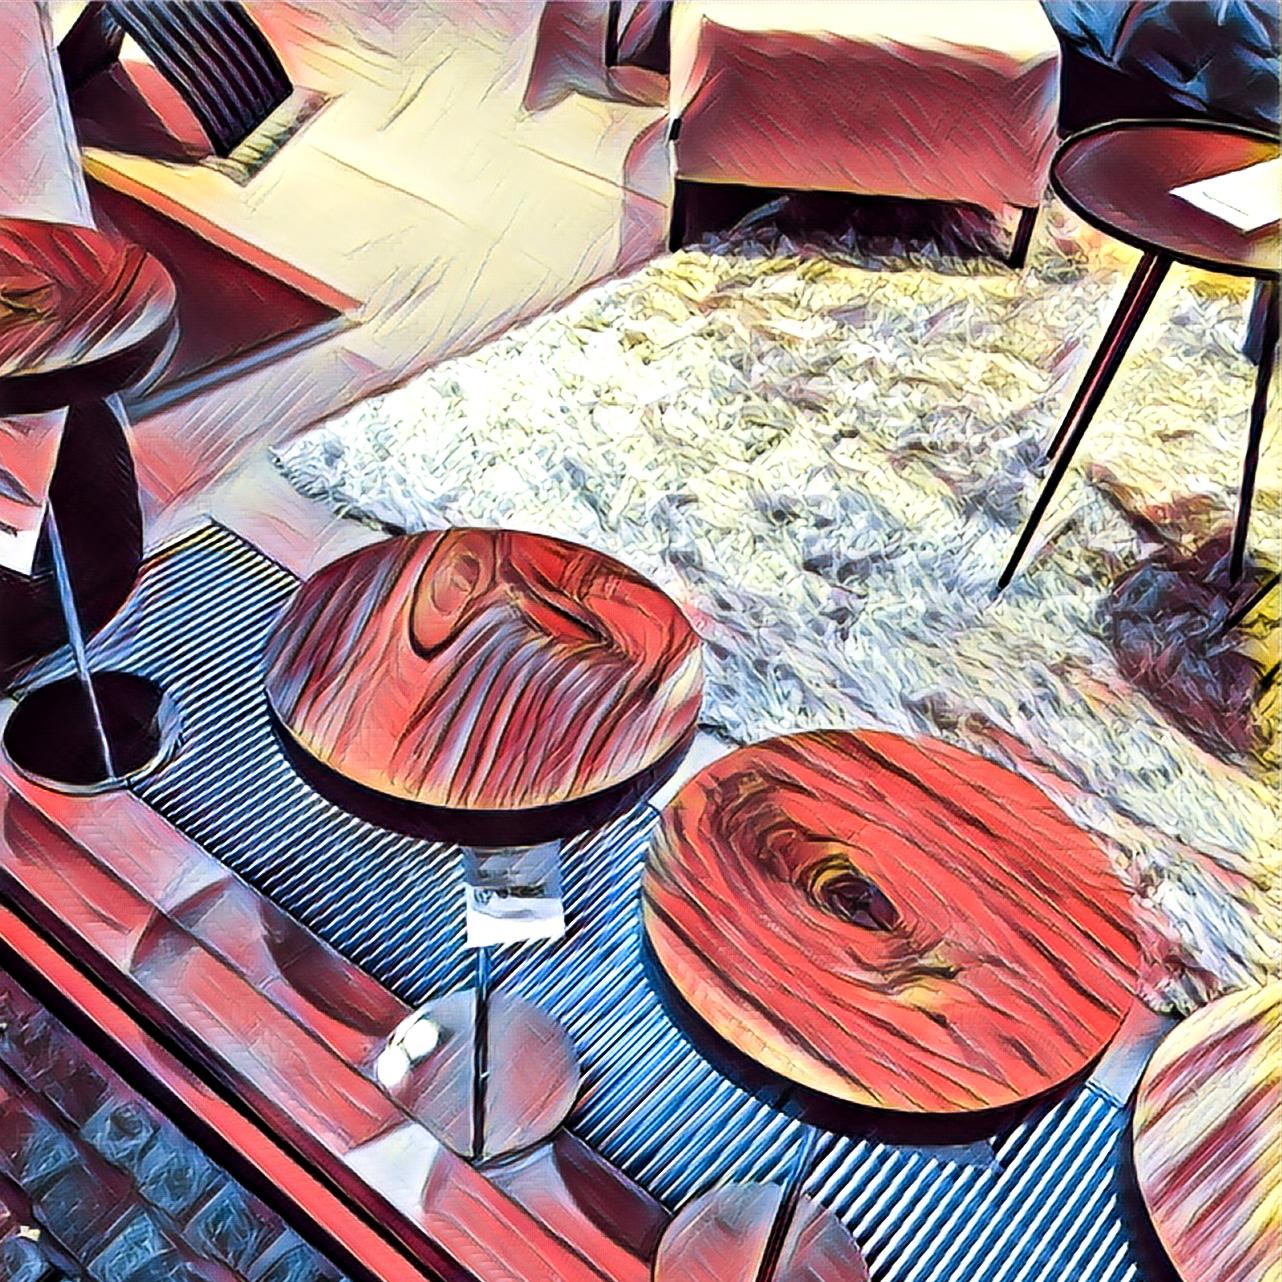 Tischlein deck dich! Oder doch den Tisch als Wohn-Accesoire? Beide Gewinne sind heute möglich.